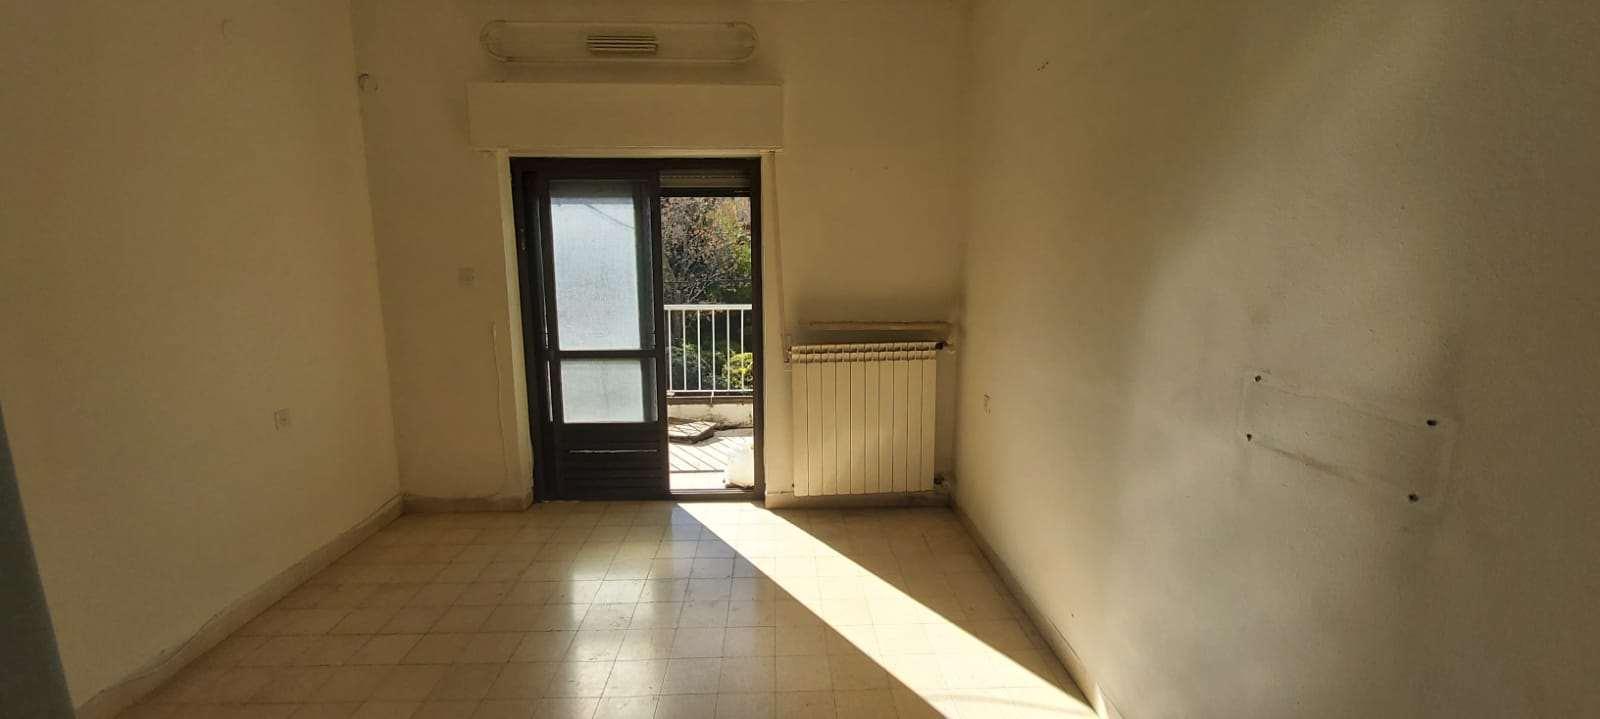 תמונה 2 ,דירה 3.5 חדרים ביאליק בית הכרם ירושלים